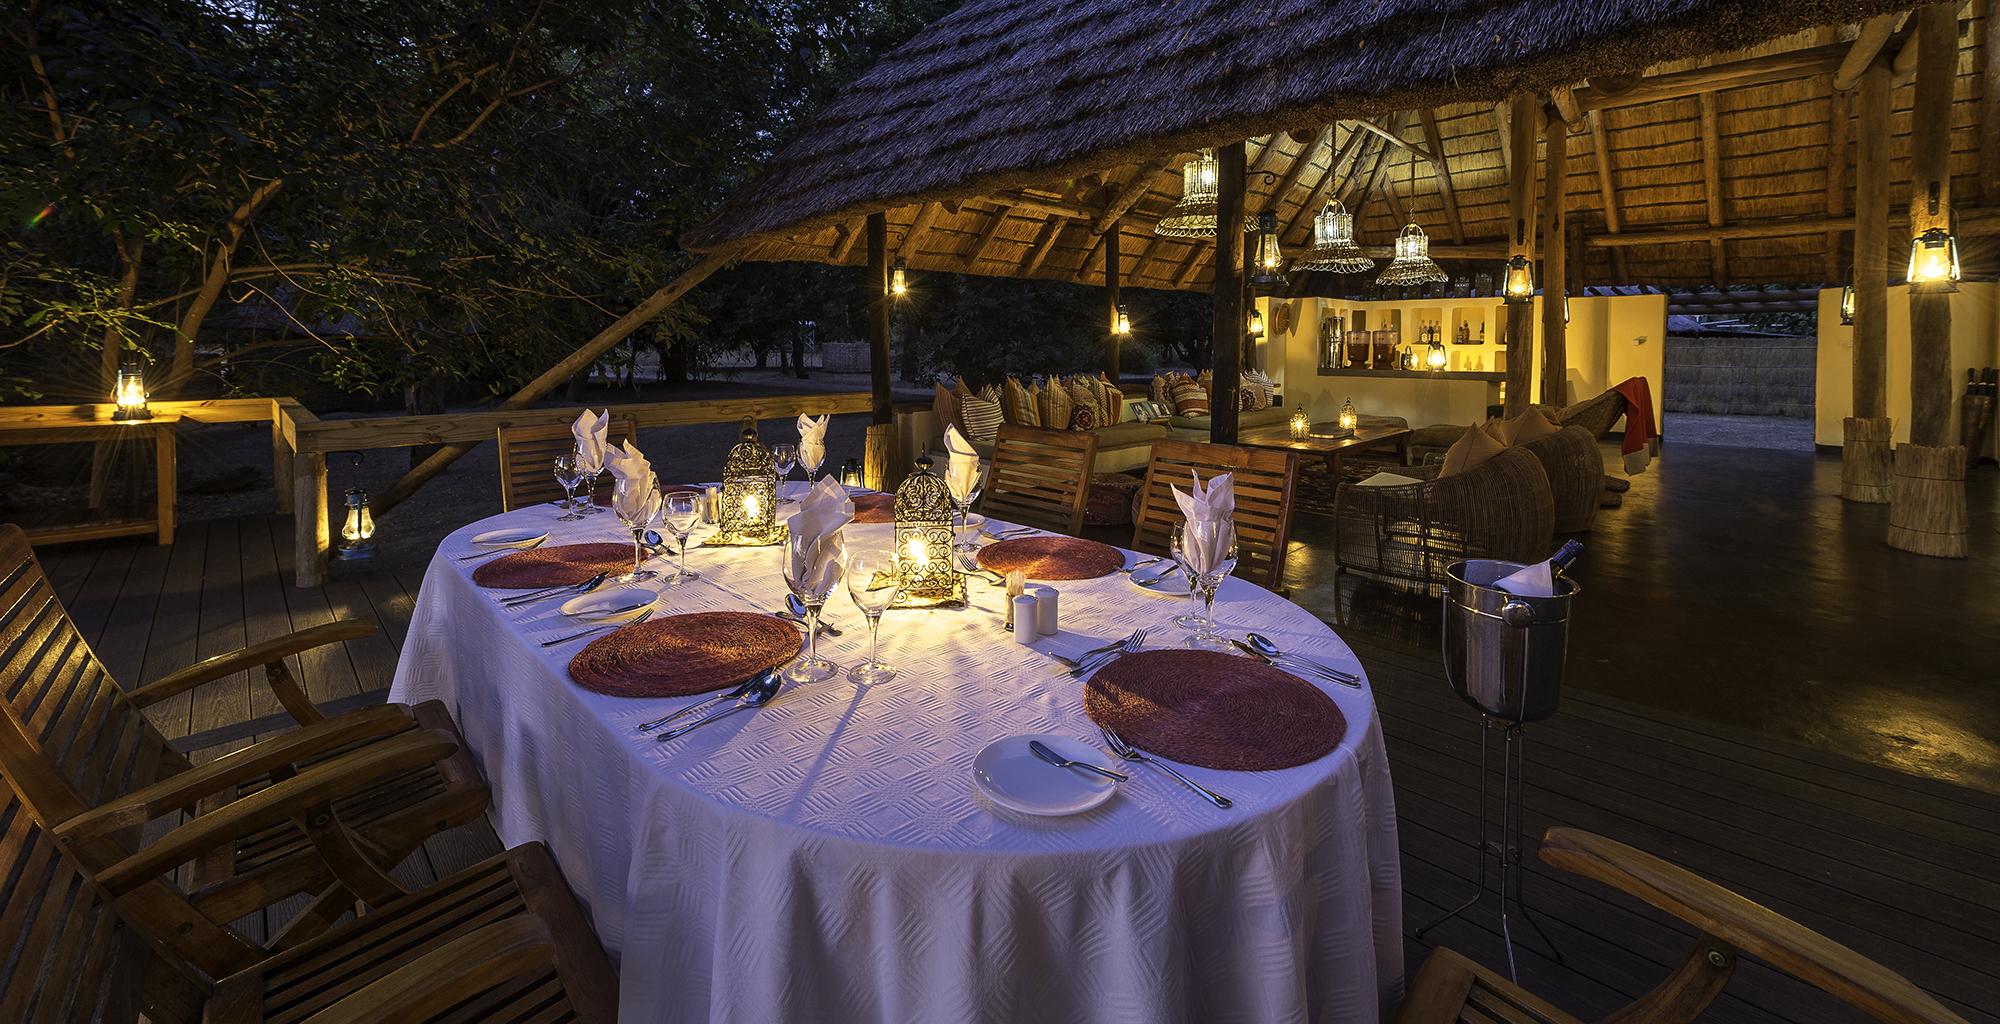 Zambia-Kapamba-Dining